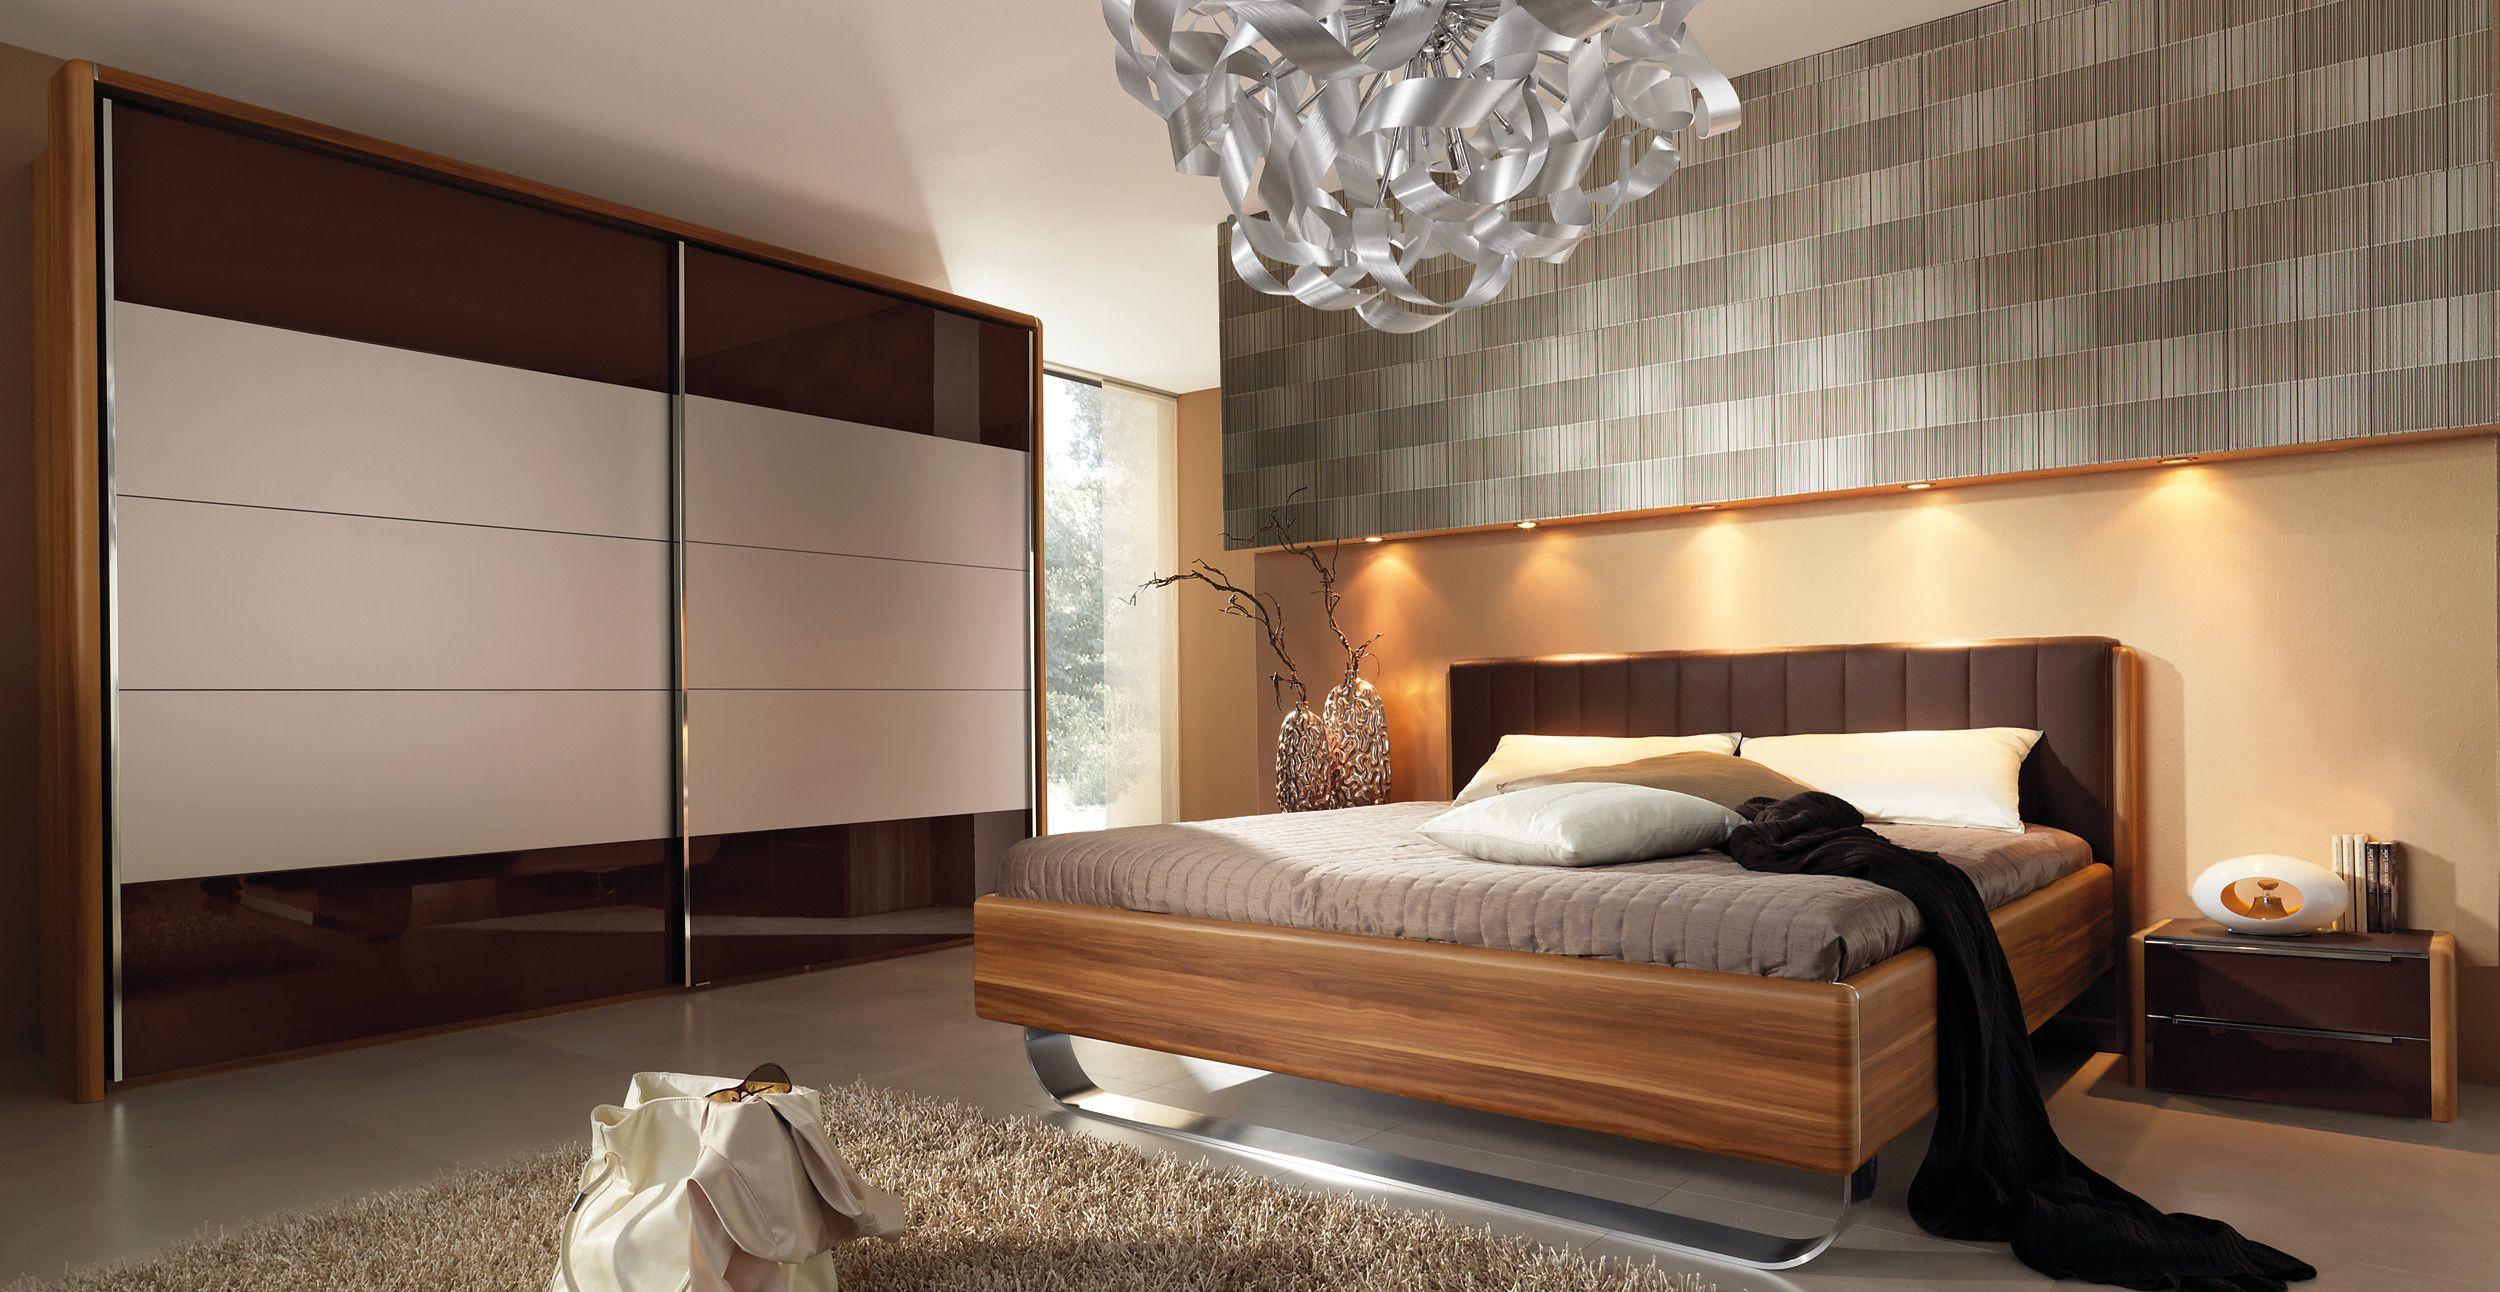 schlafzimmer der zukunft - Google-Suche | Bedroom ...